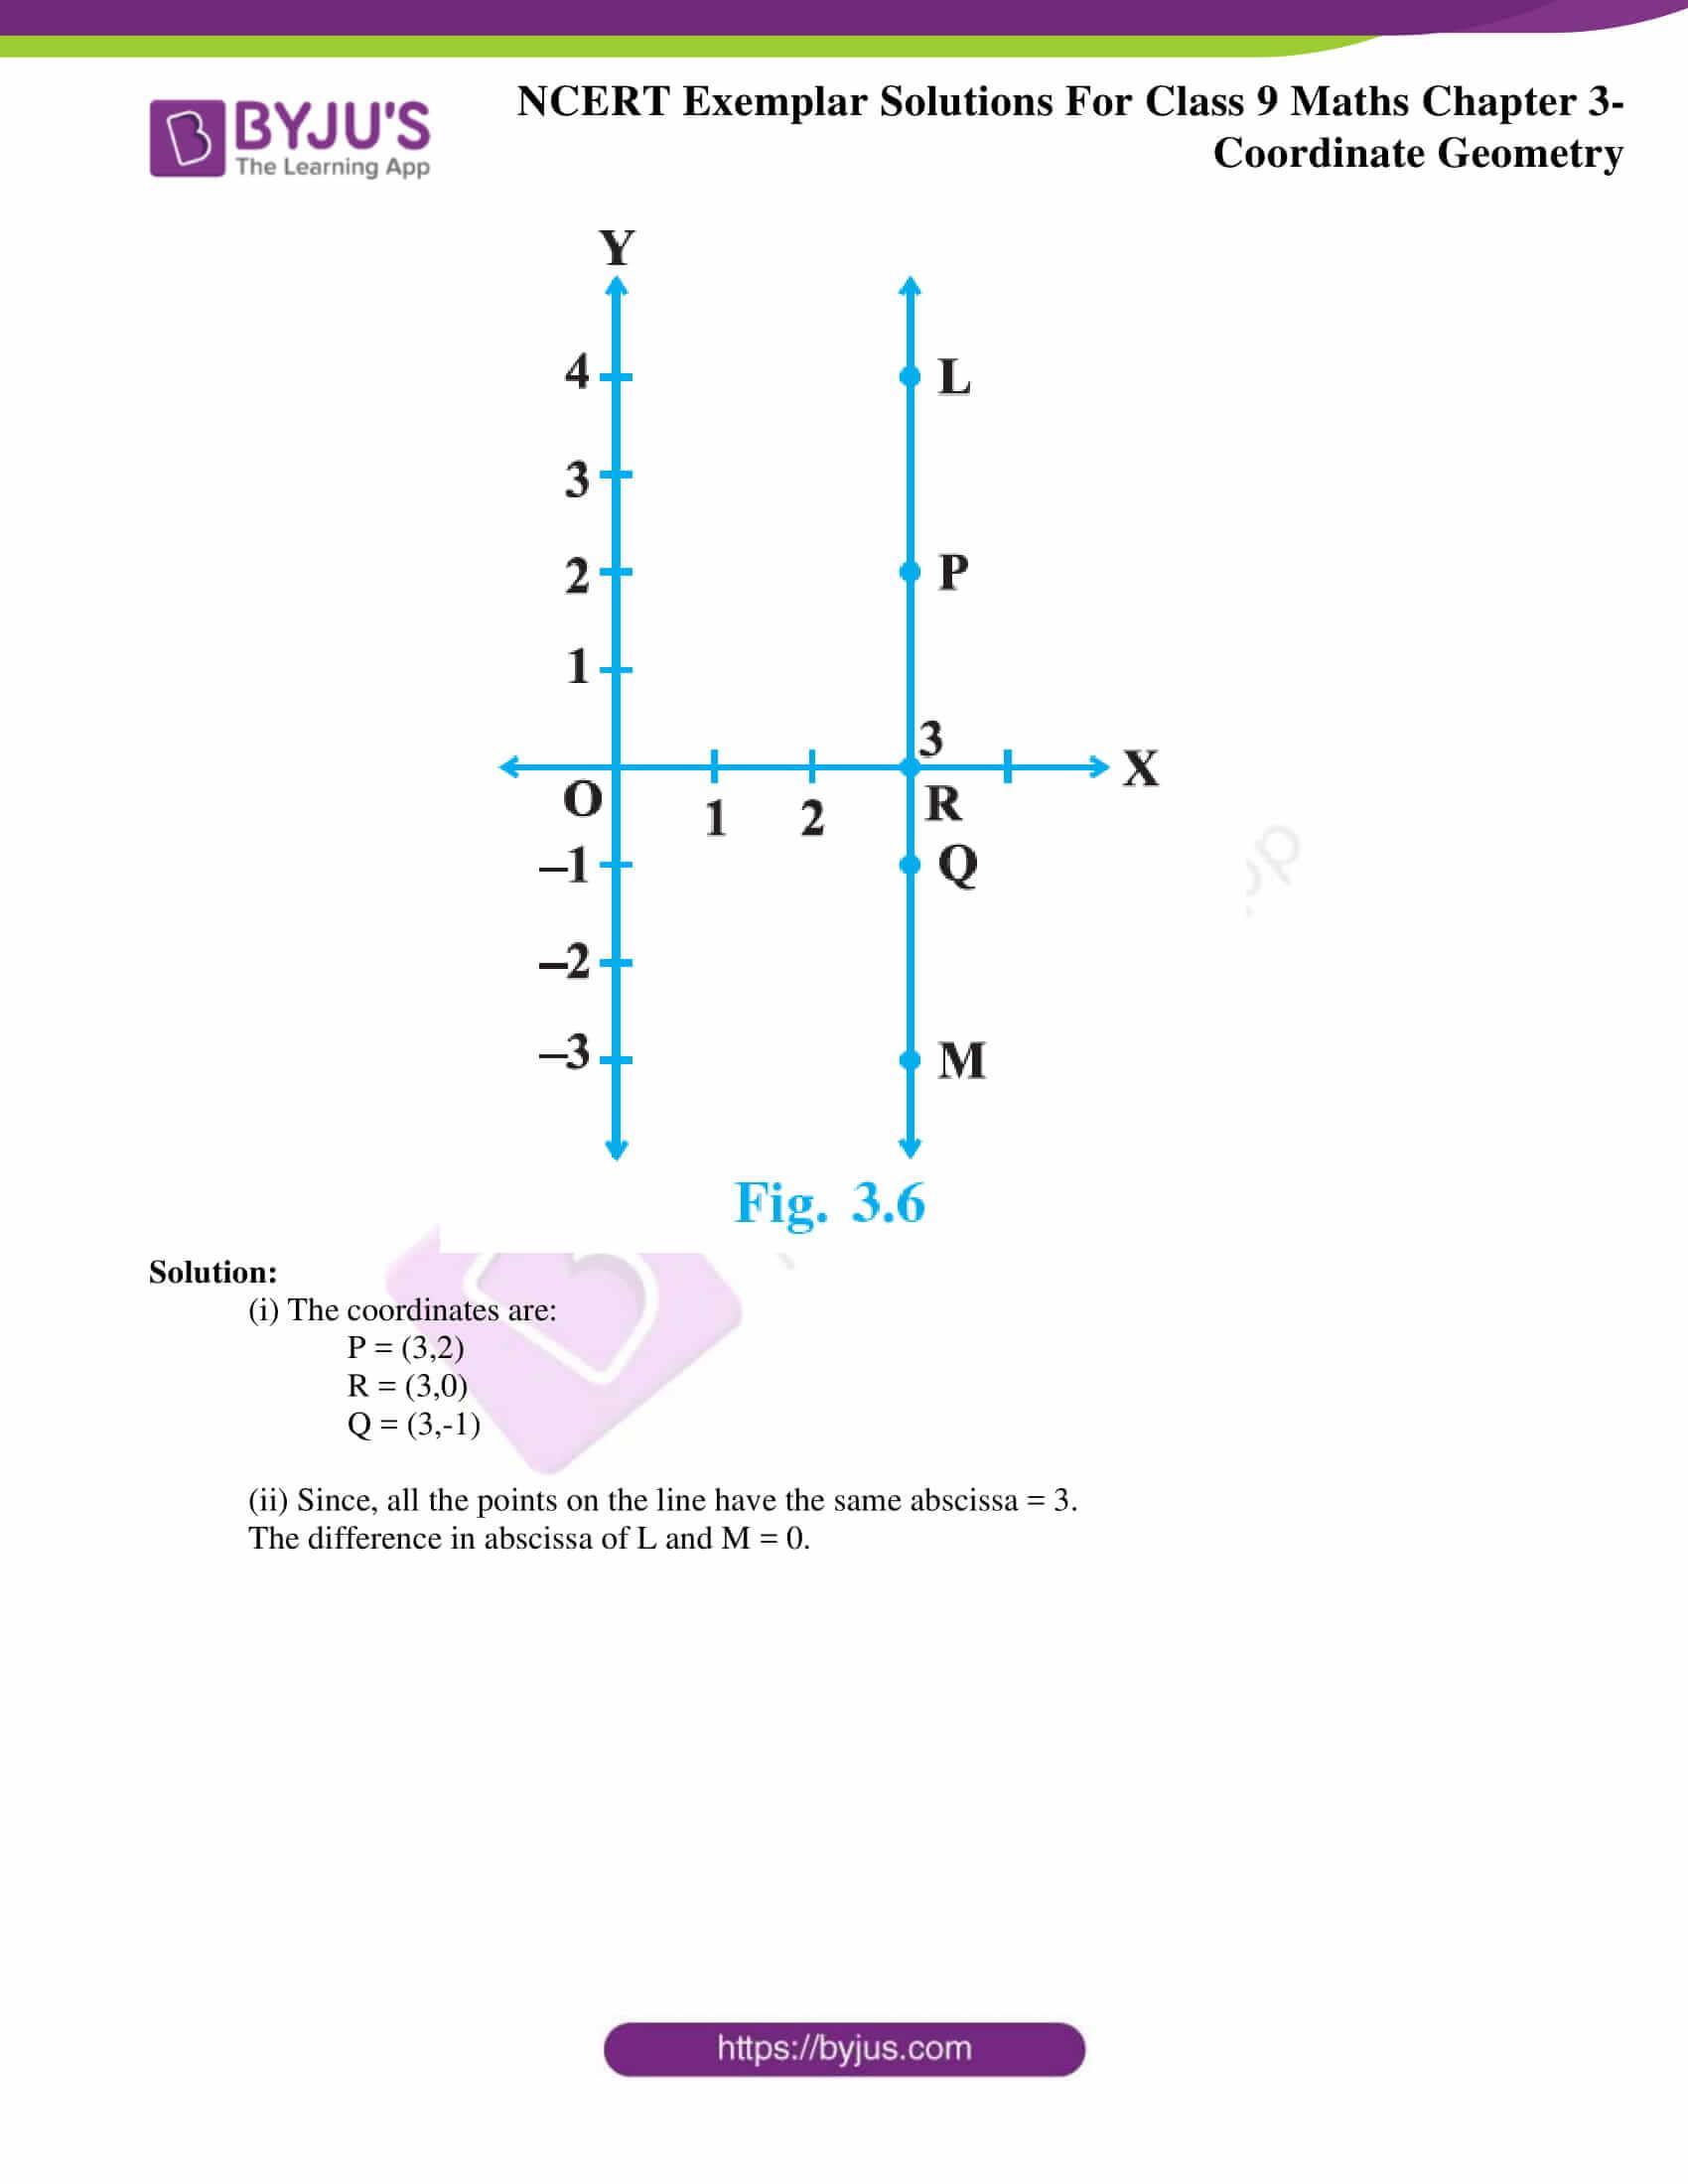 NCERT Exemplar Solutions for Class 9 Maths Chapter 3 10